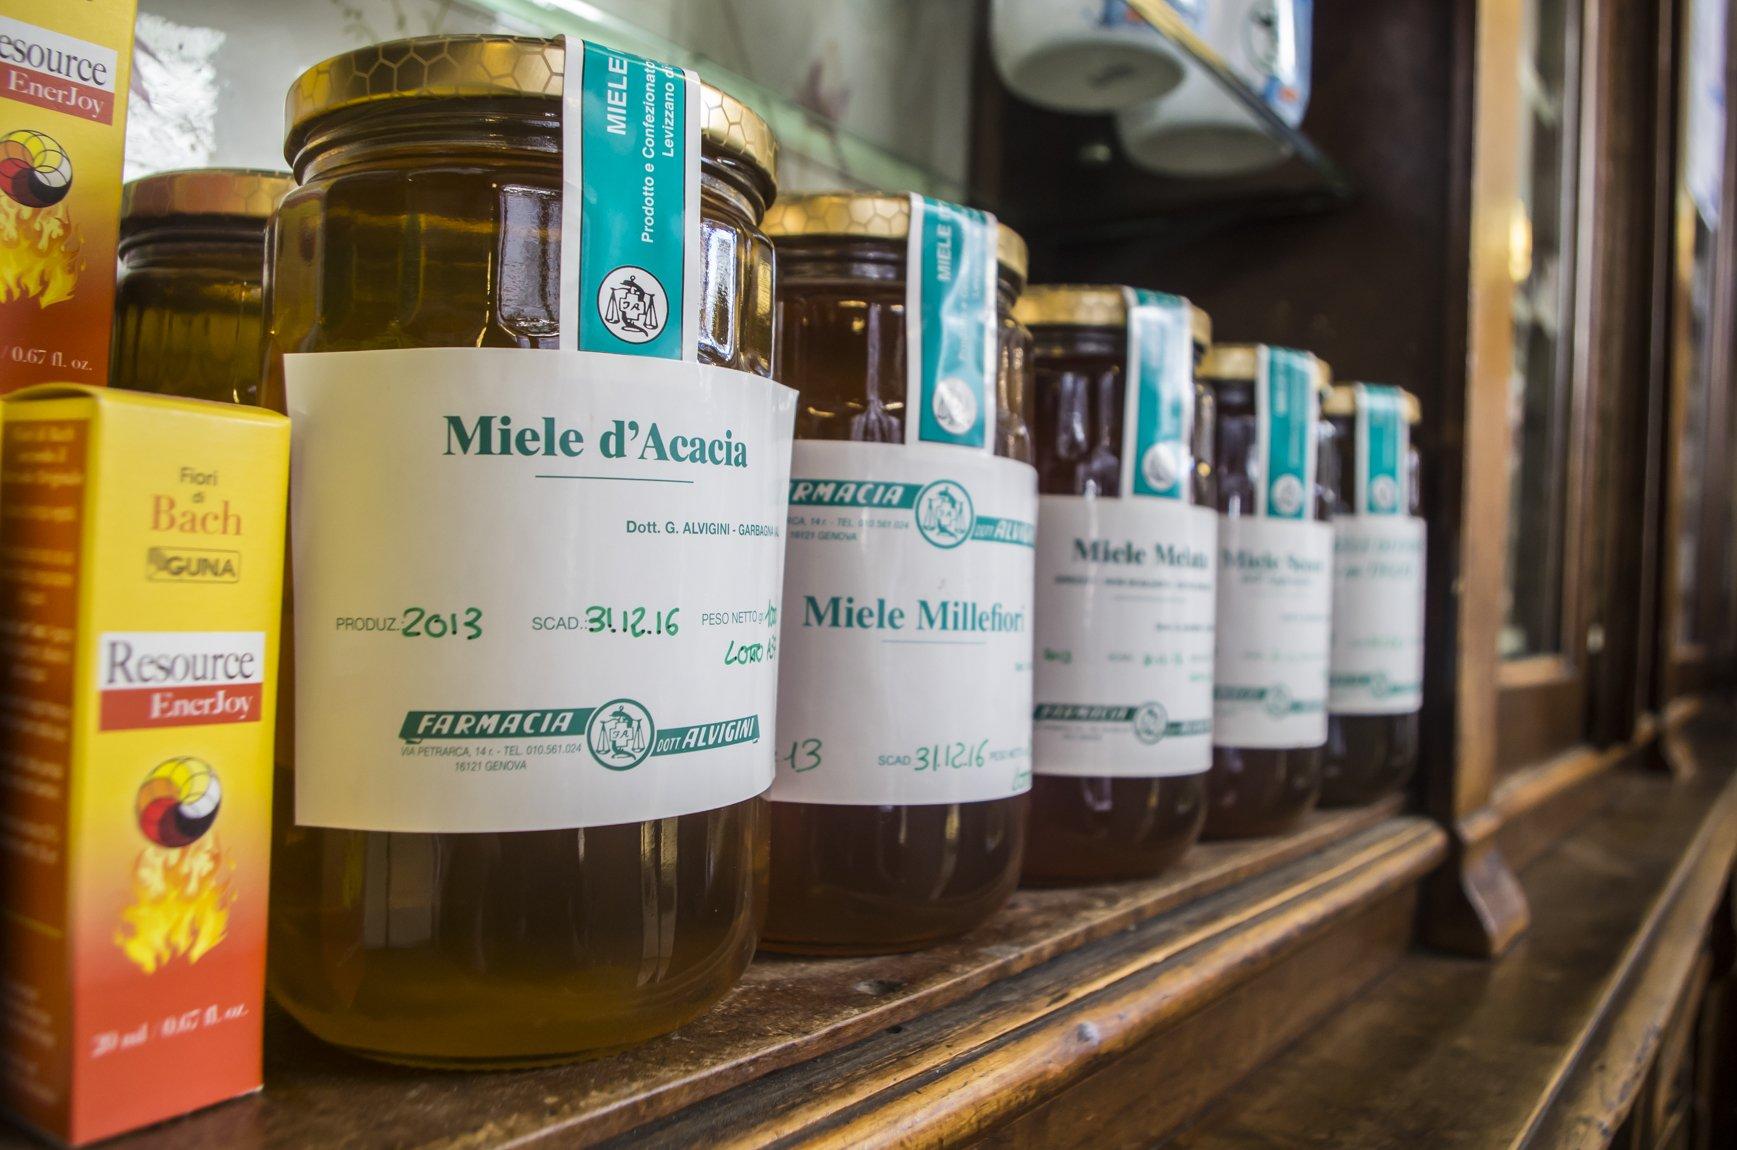 un barattolo di miele d'Acacia e miele Millefiori